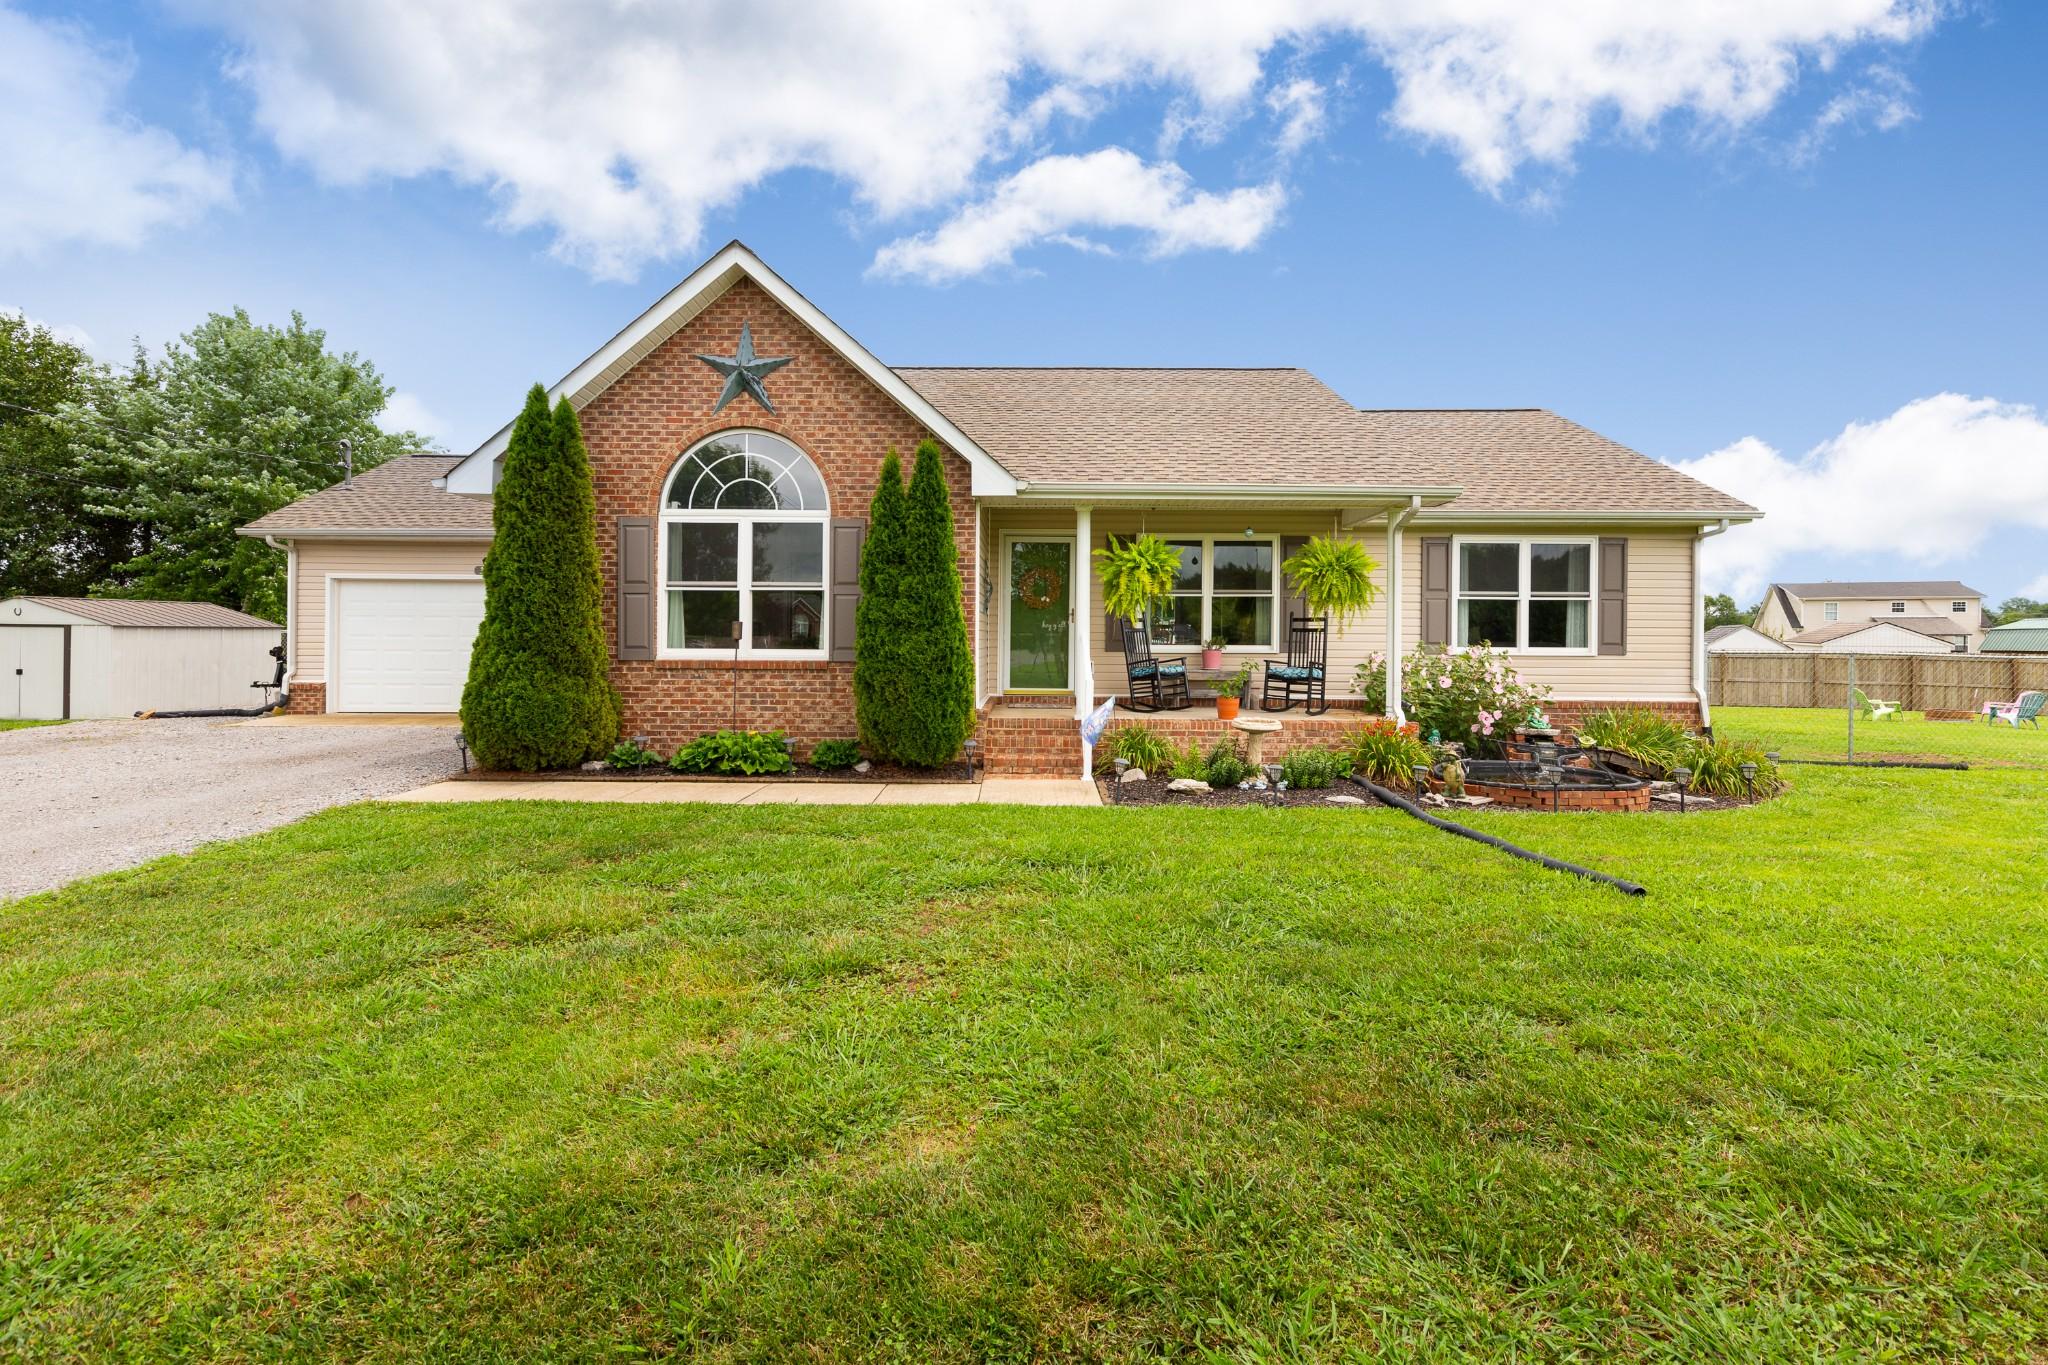 Bella Farms Sec 2 Real Estate Listings Main Image